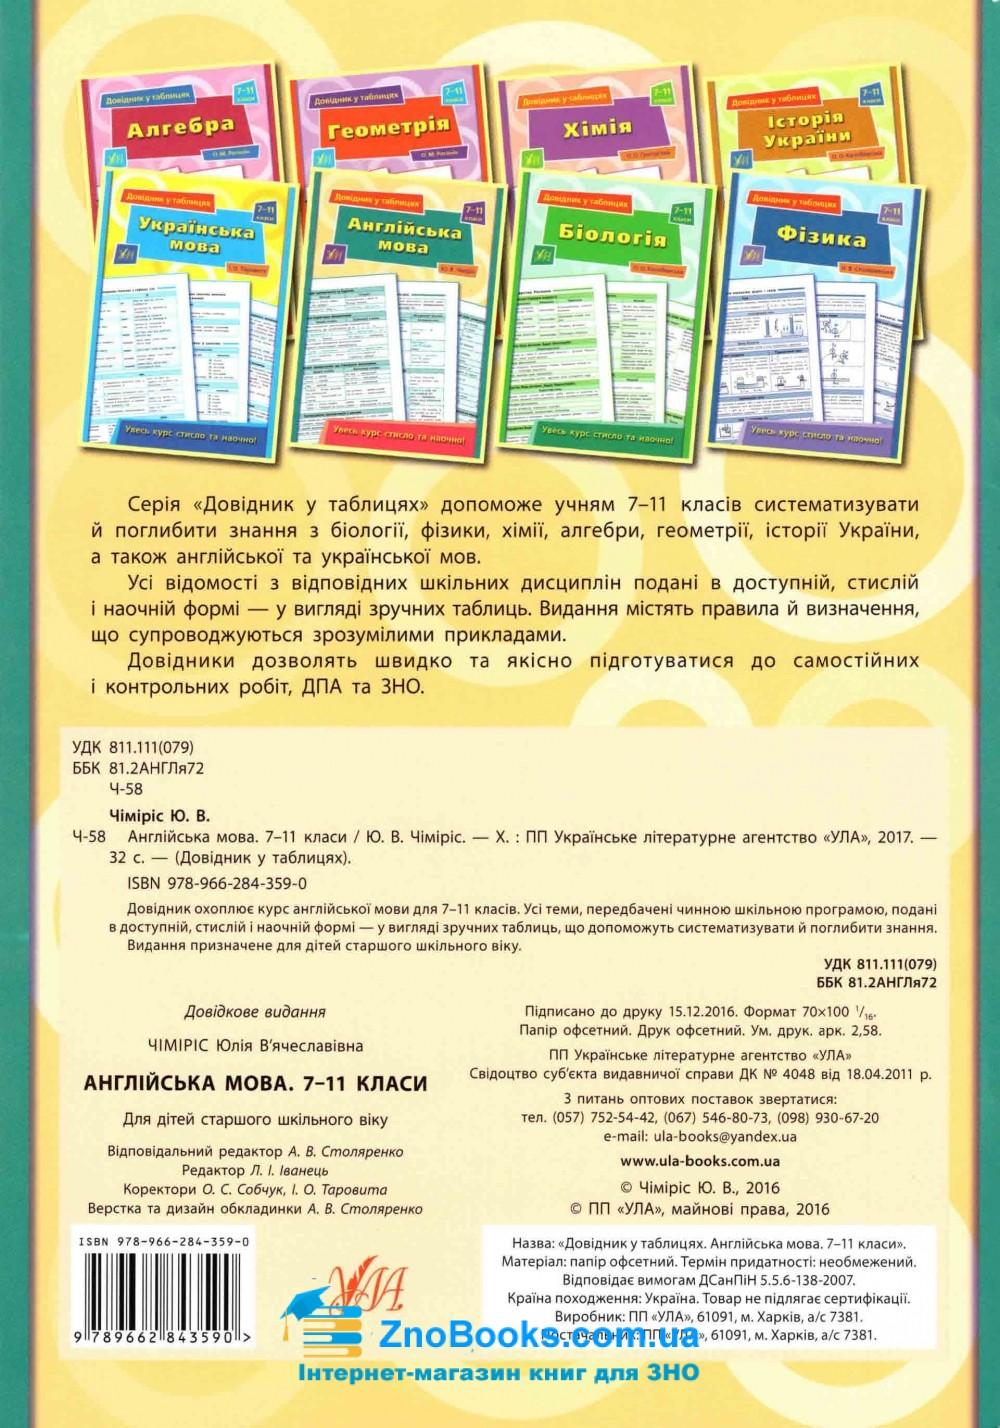 Англійська мова 7-11 класи . Серія «Довідник у таблицях» : Чіміріс Ю. В. УЛА. купити 5